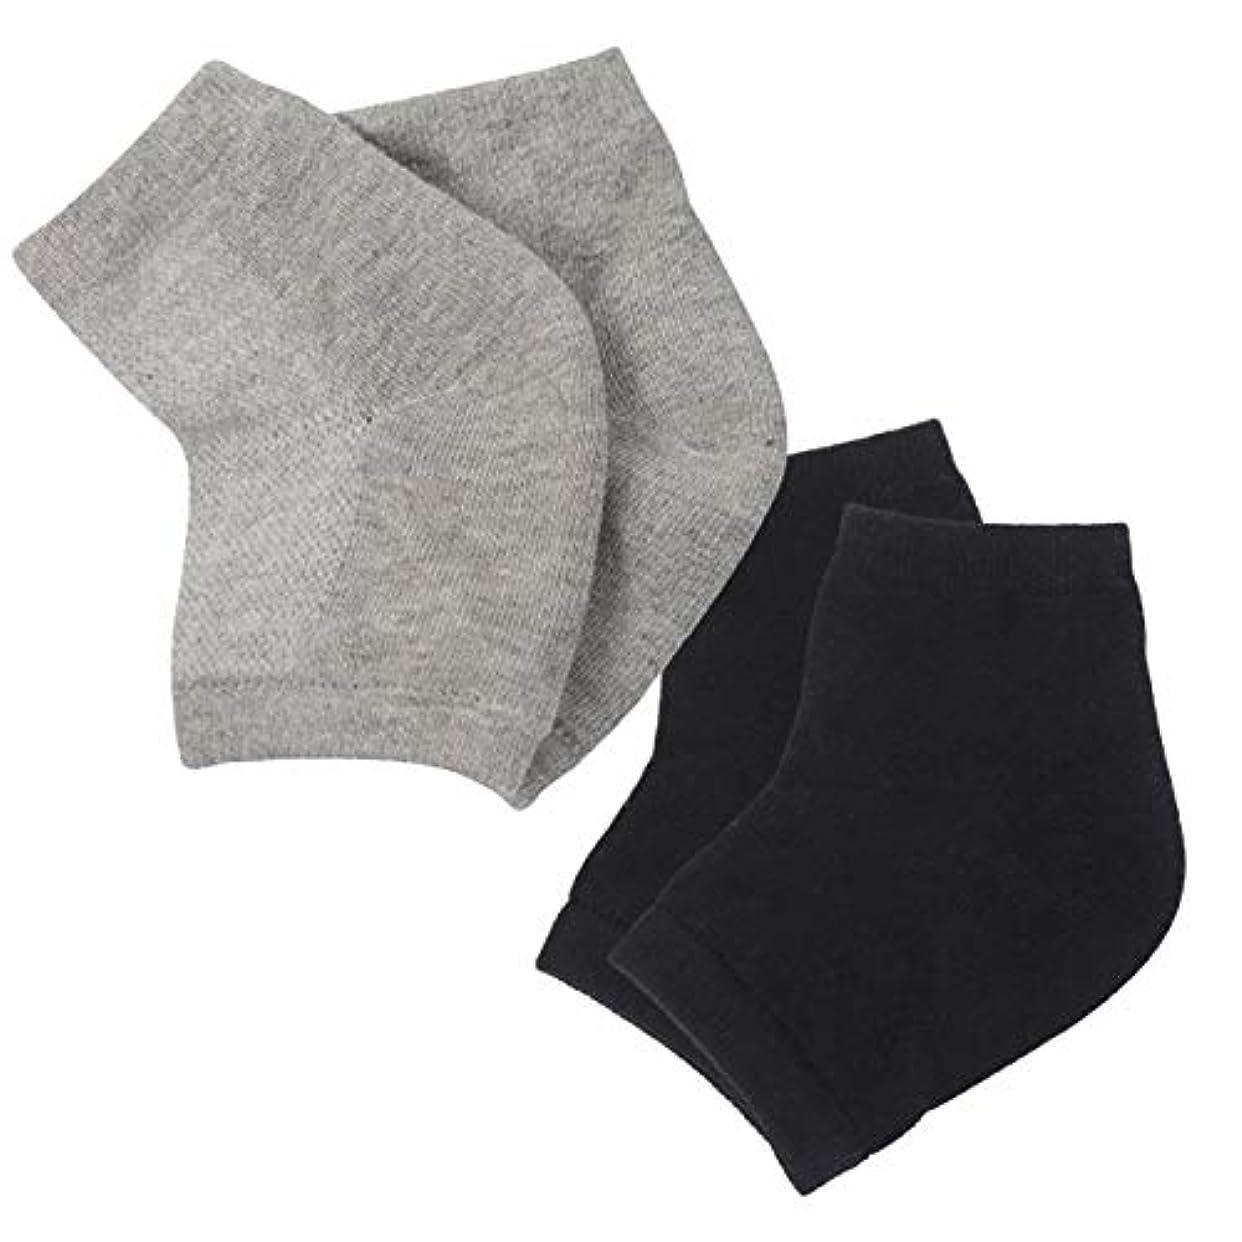 ガイドラインラブ起きろ保湿ソックス ツルツル 乾燥 くだけ 簡単 洗える シリコン 指だし 削らない 2足組セット ブラック グレー